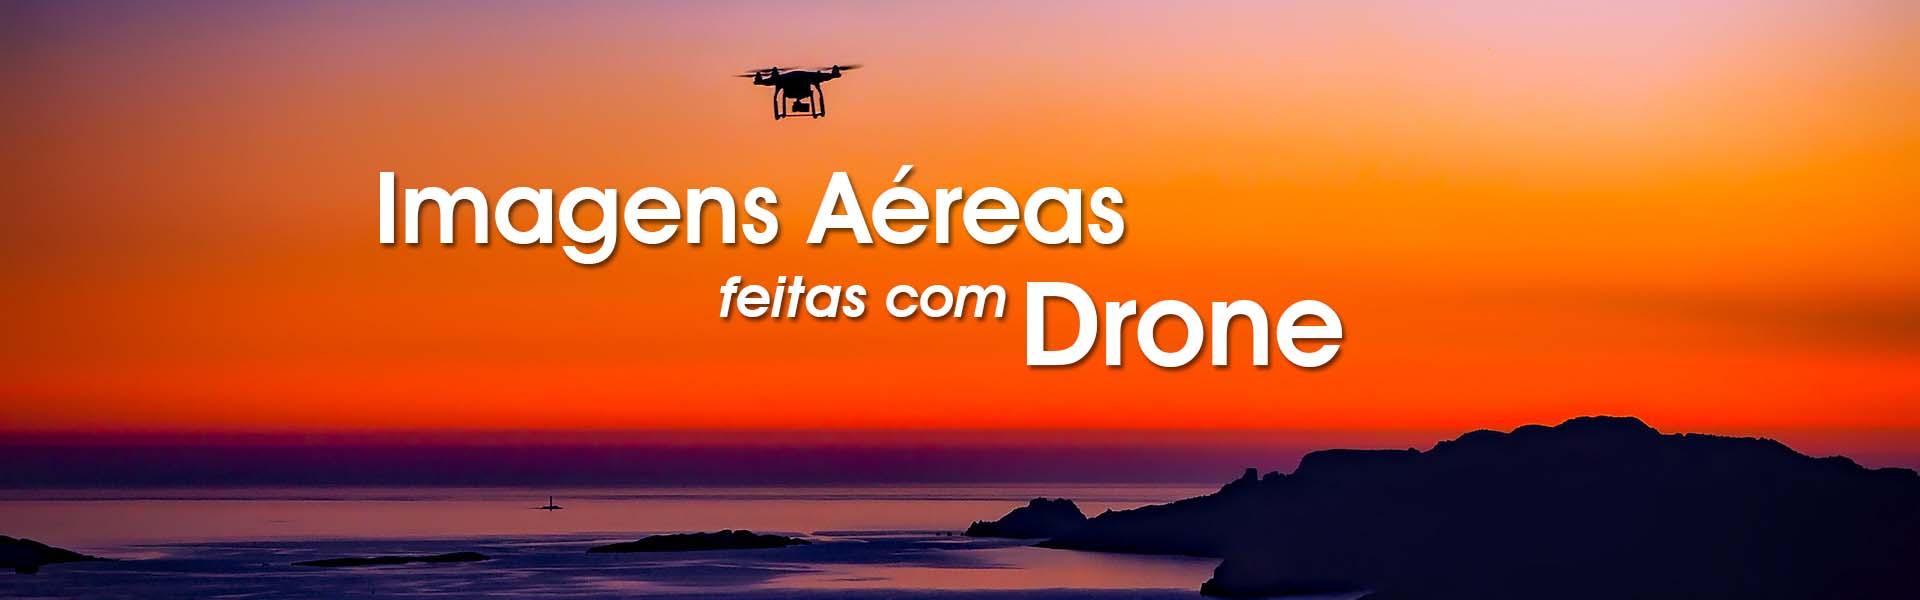 Imagens Aéreas feitas com Drone